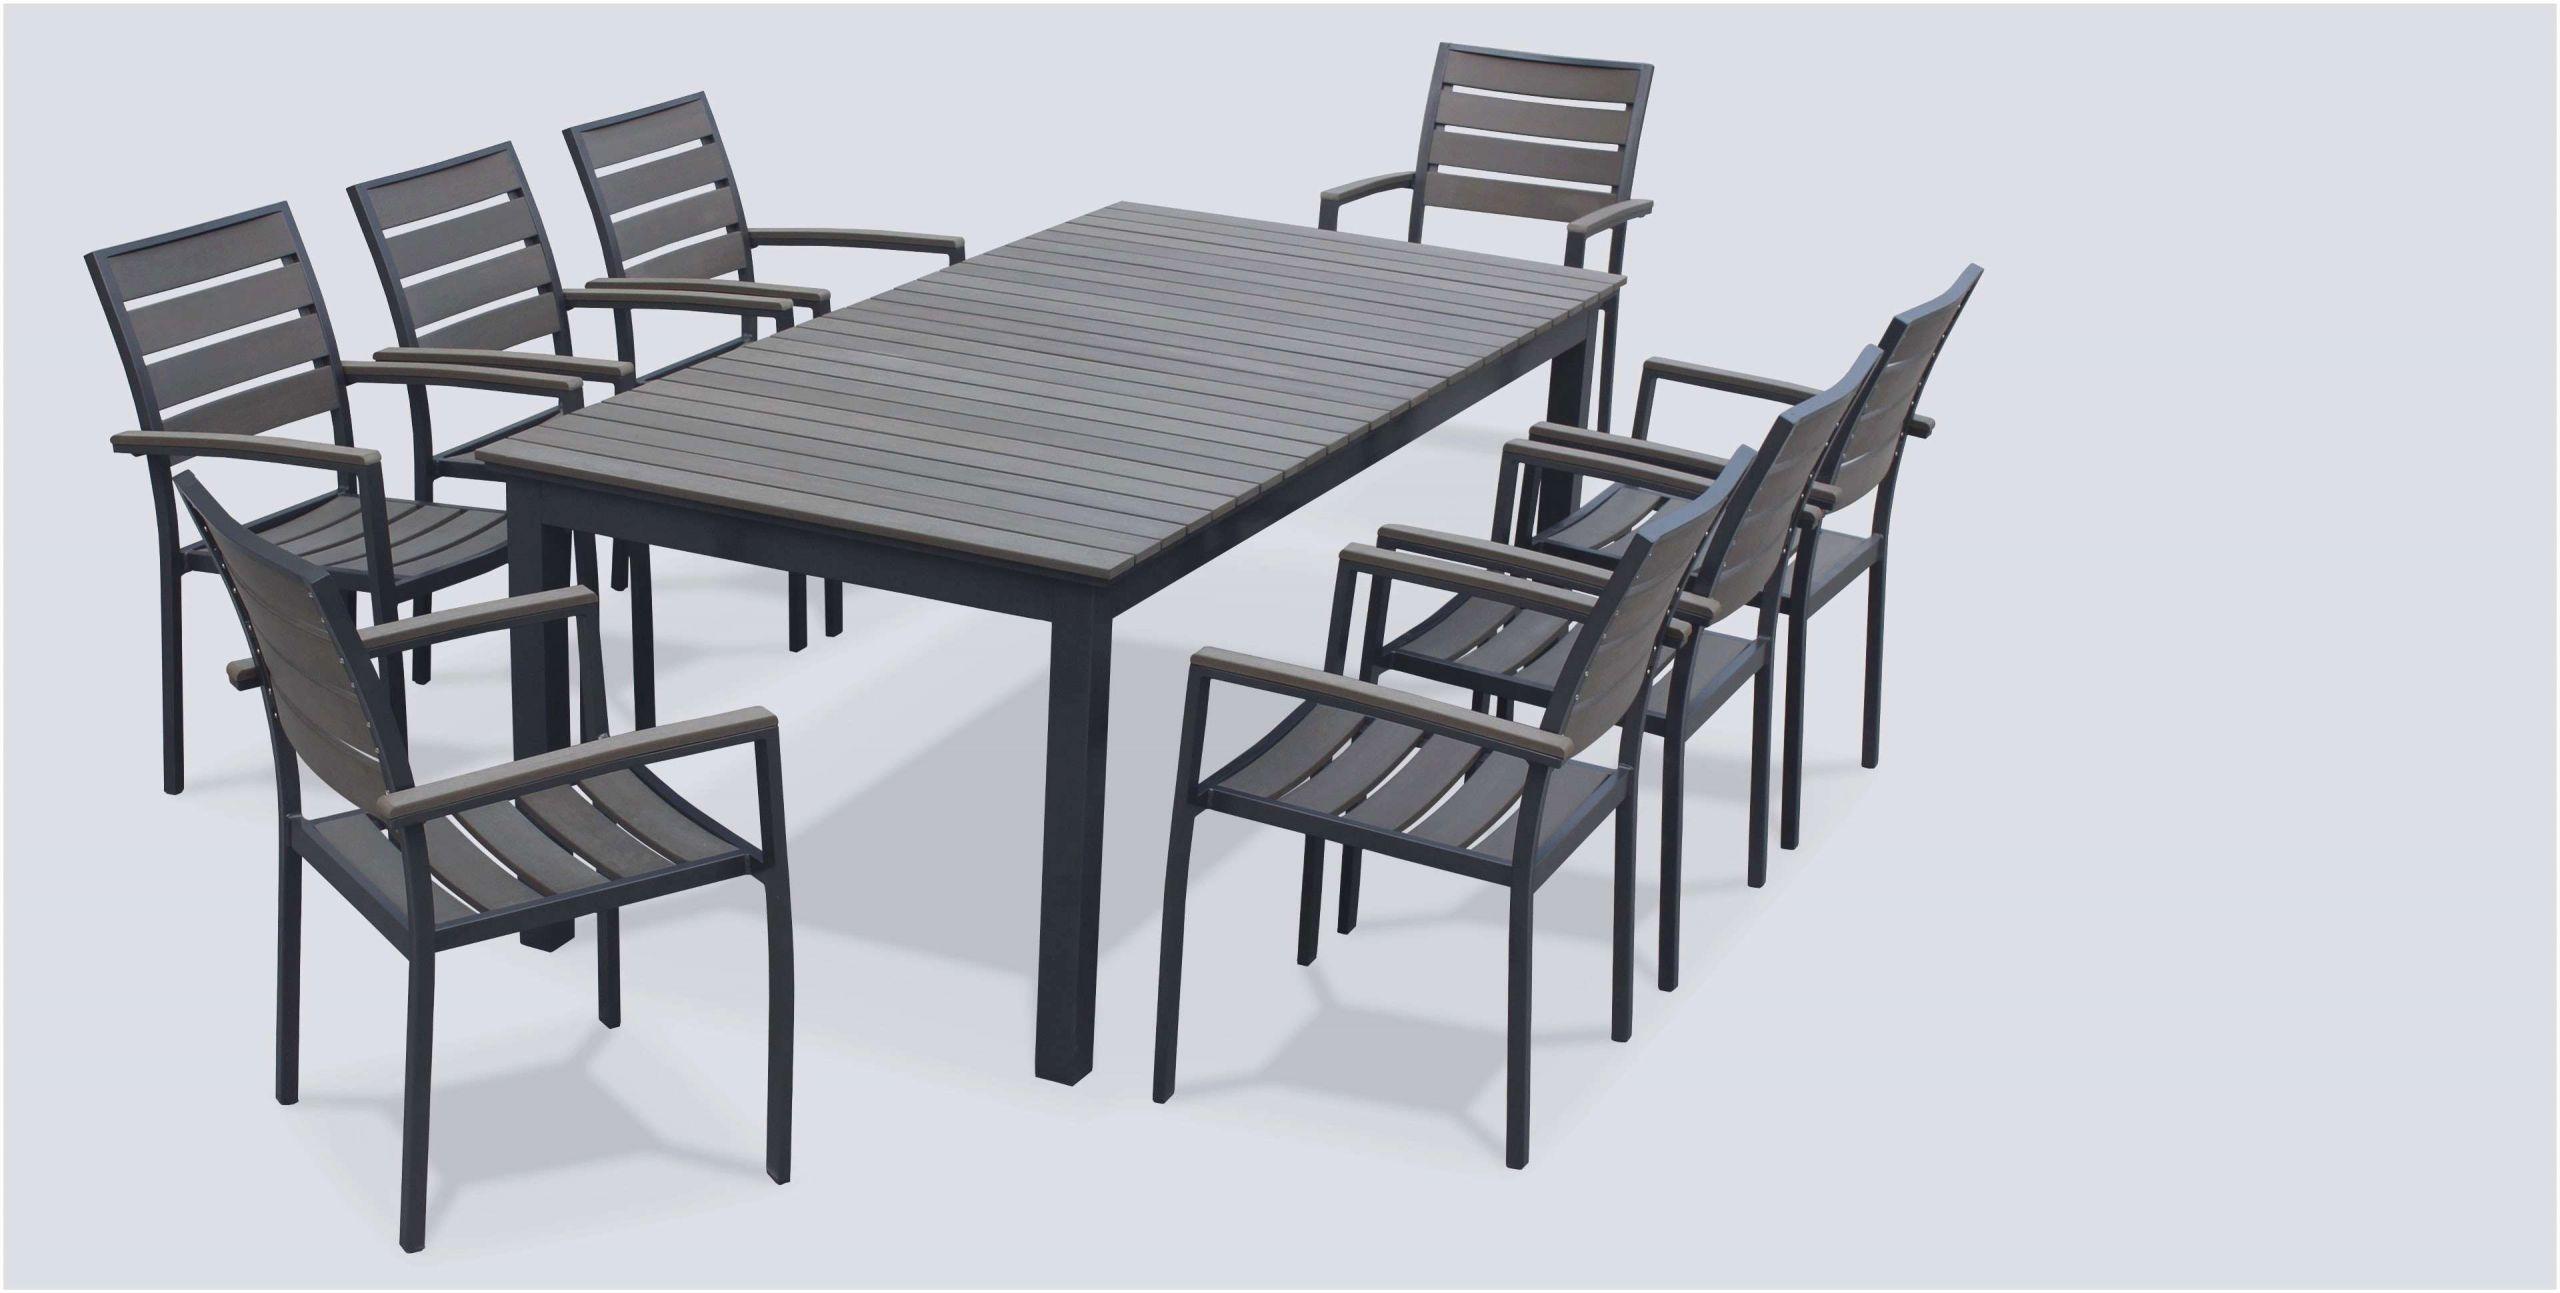 table de salon de jardin leclerc genial abri de jardin metal leclerc nouveau s leclerc promo luxe de table de salon de jardin leclerc 1 scaled